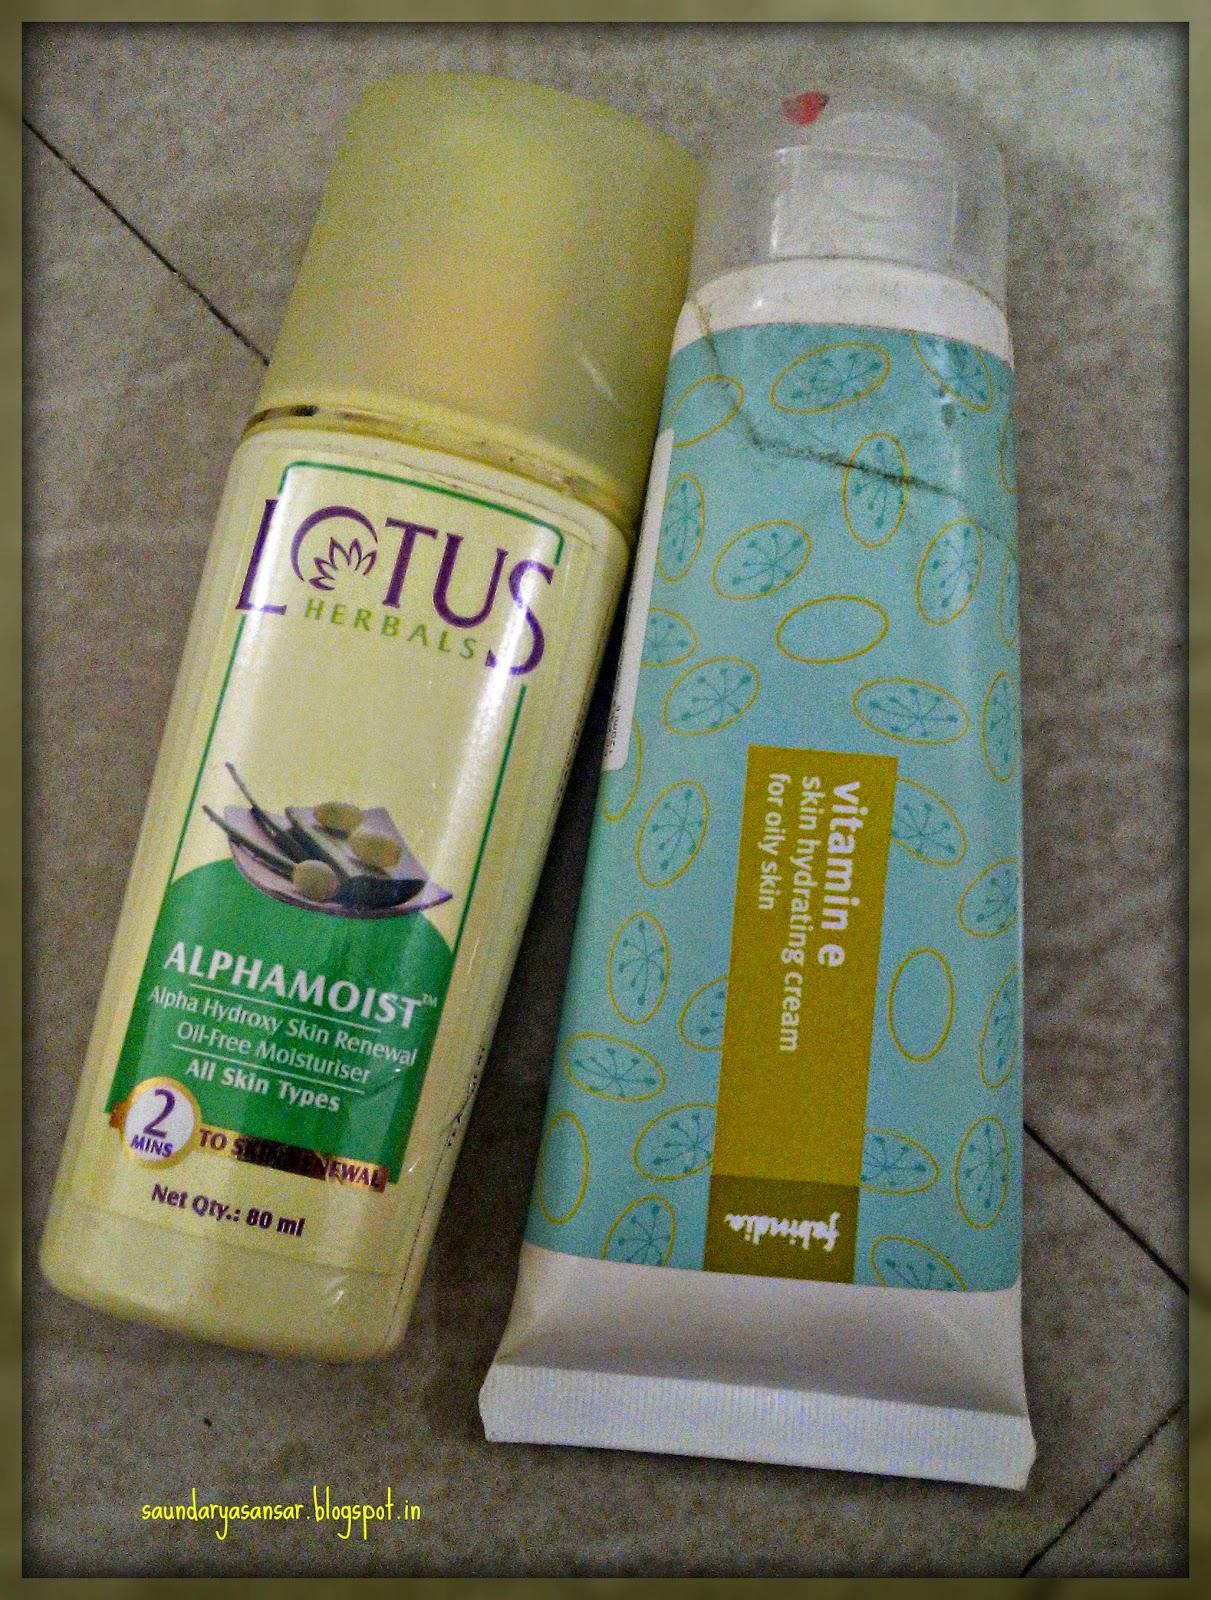 Empties-Lotus-Herbals-&-Fabindia-Moisturiser